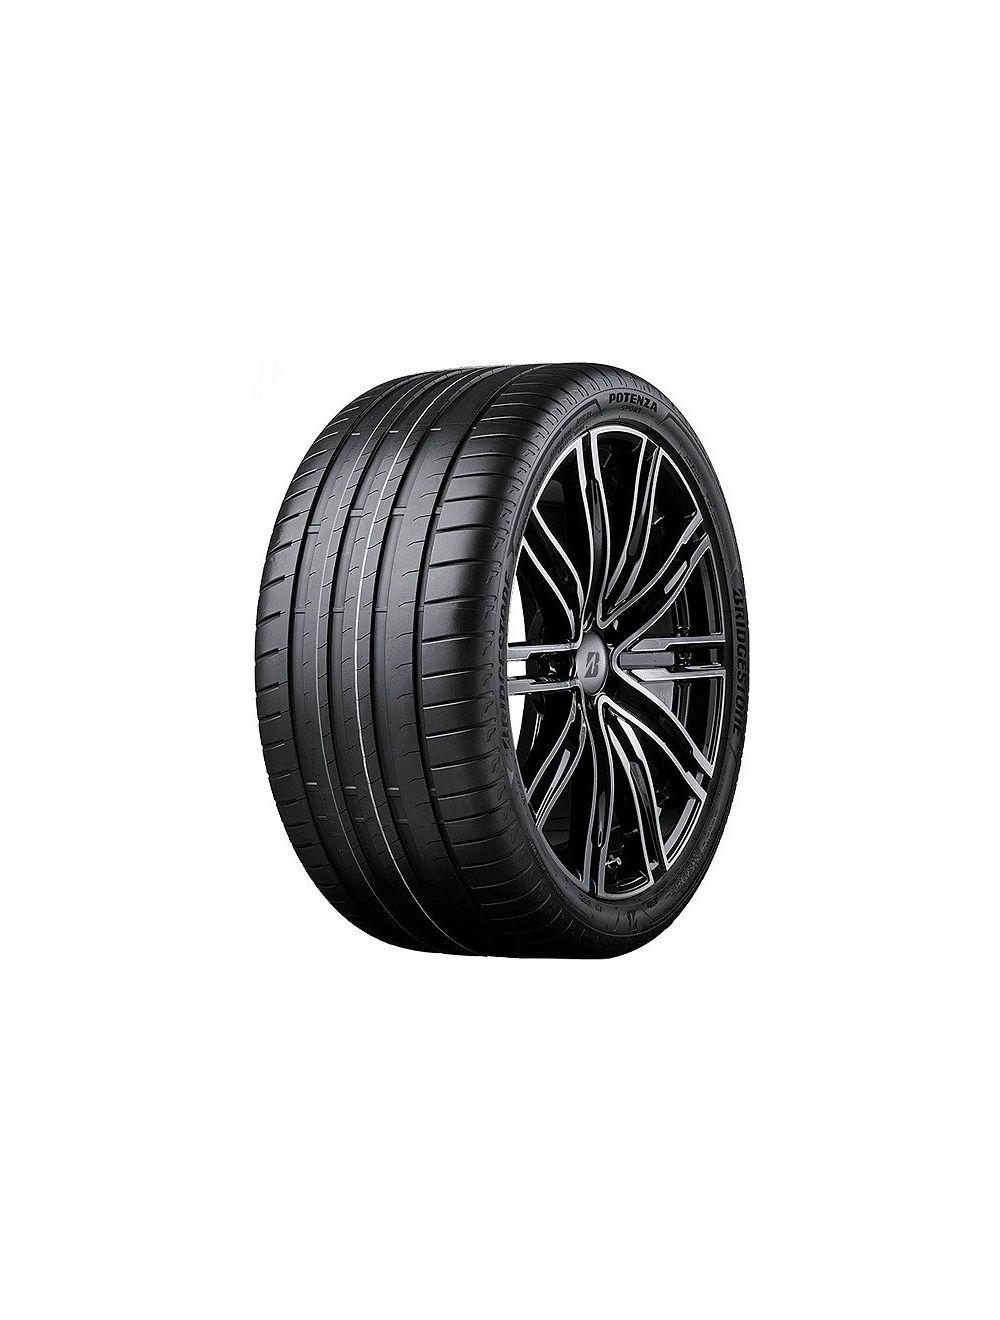 Bridgestone 255/35R20 Y PotenzaSport XL Nyári gumi